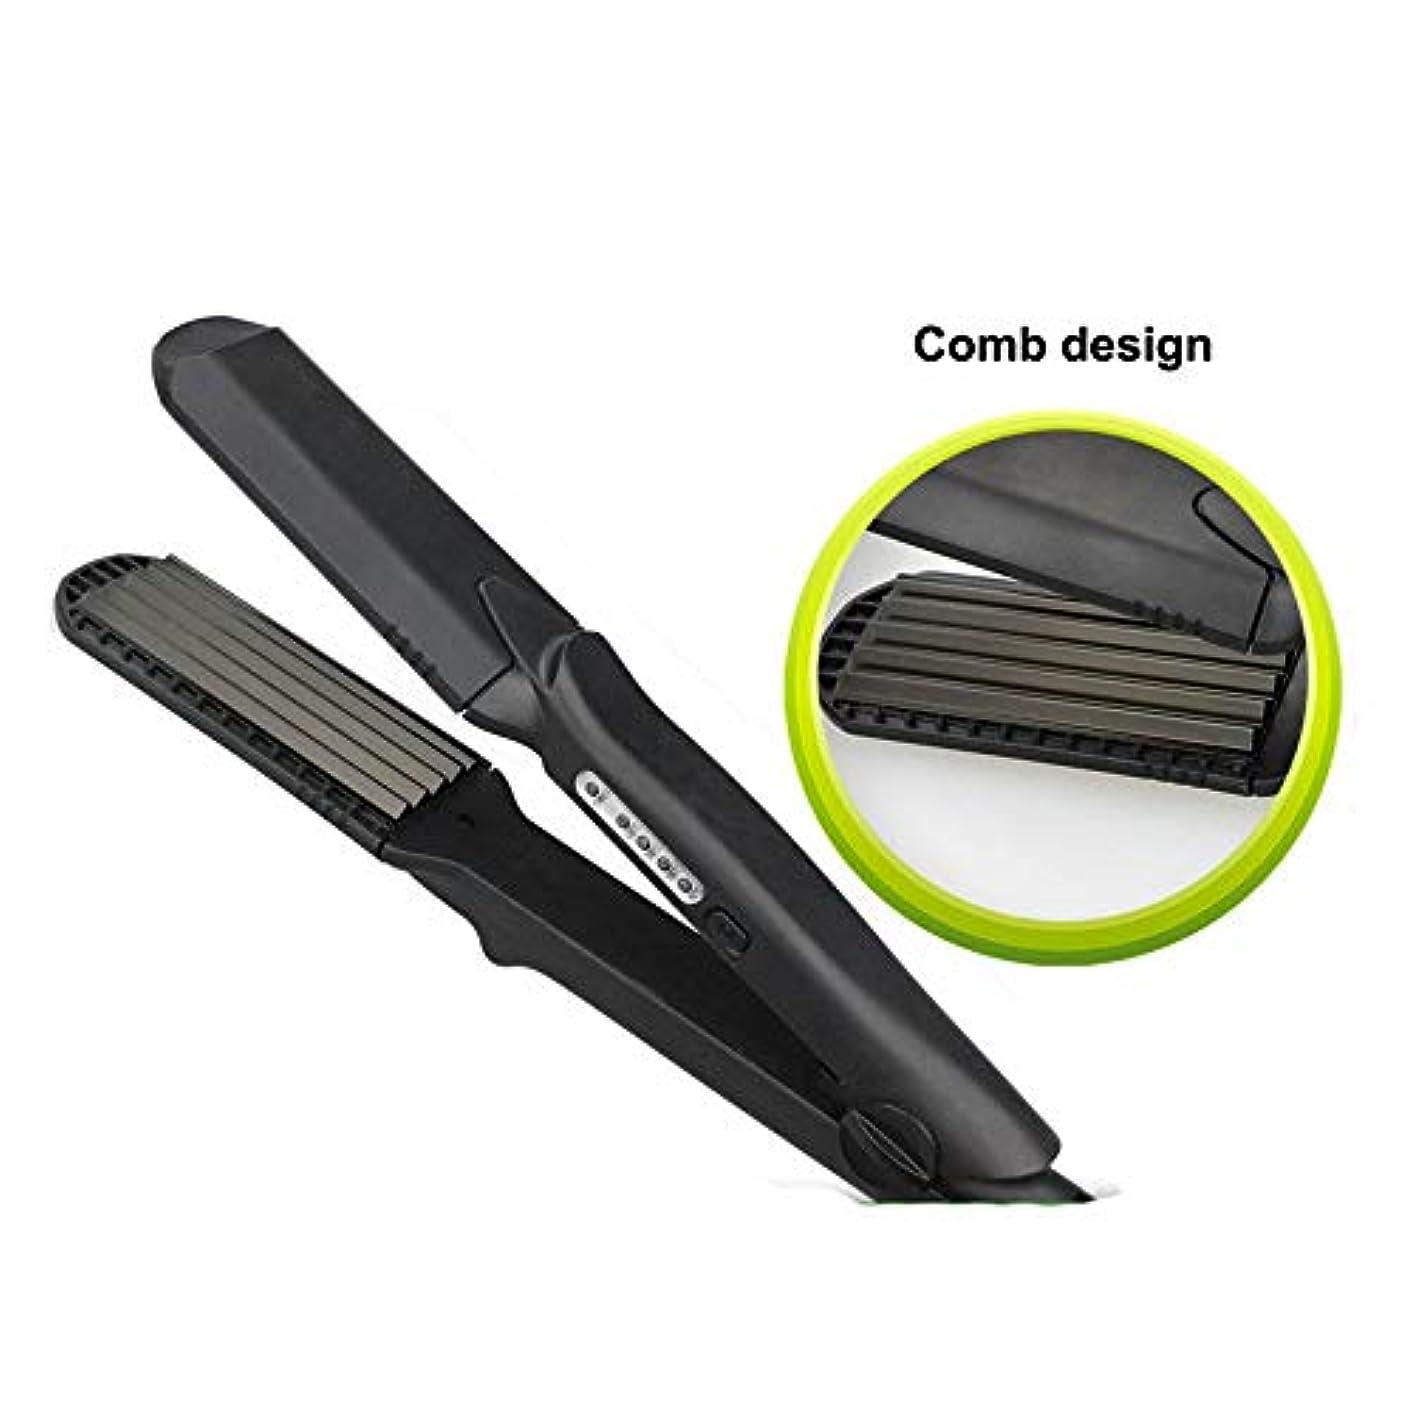 犯す農学店員ストレートヘアスティック 3Dフローティングセラミックトルマリンストレートヘアアイロン すべてのタイプの髪に適しています (色 : A, サイズ : Free size)